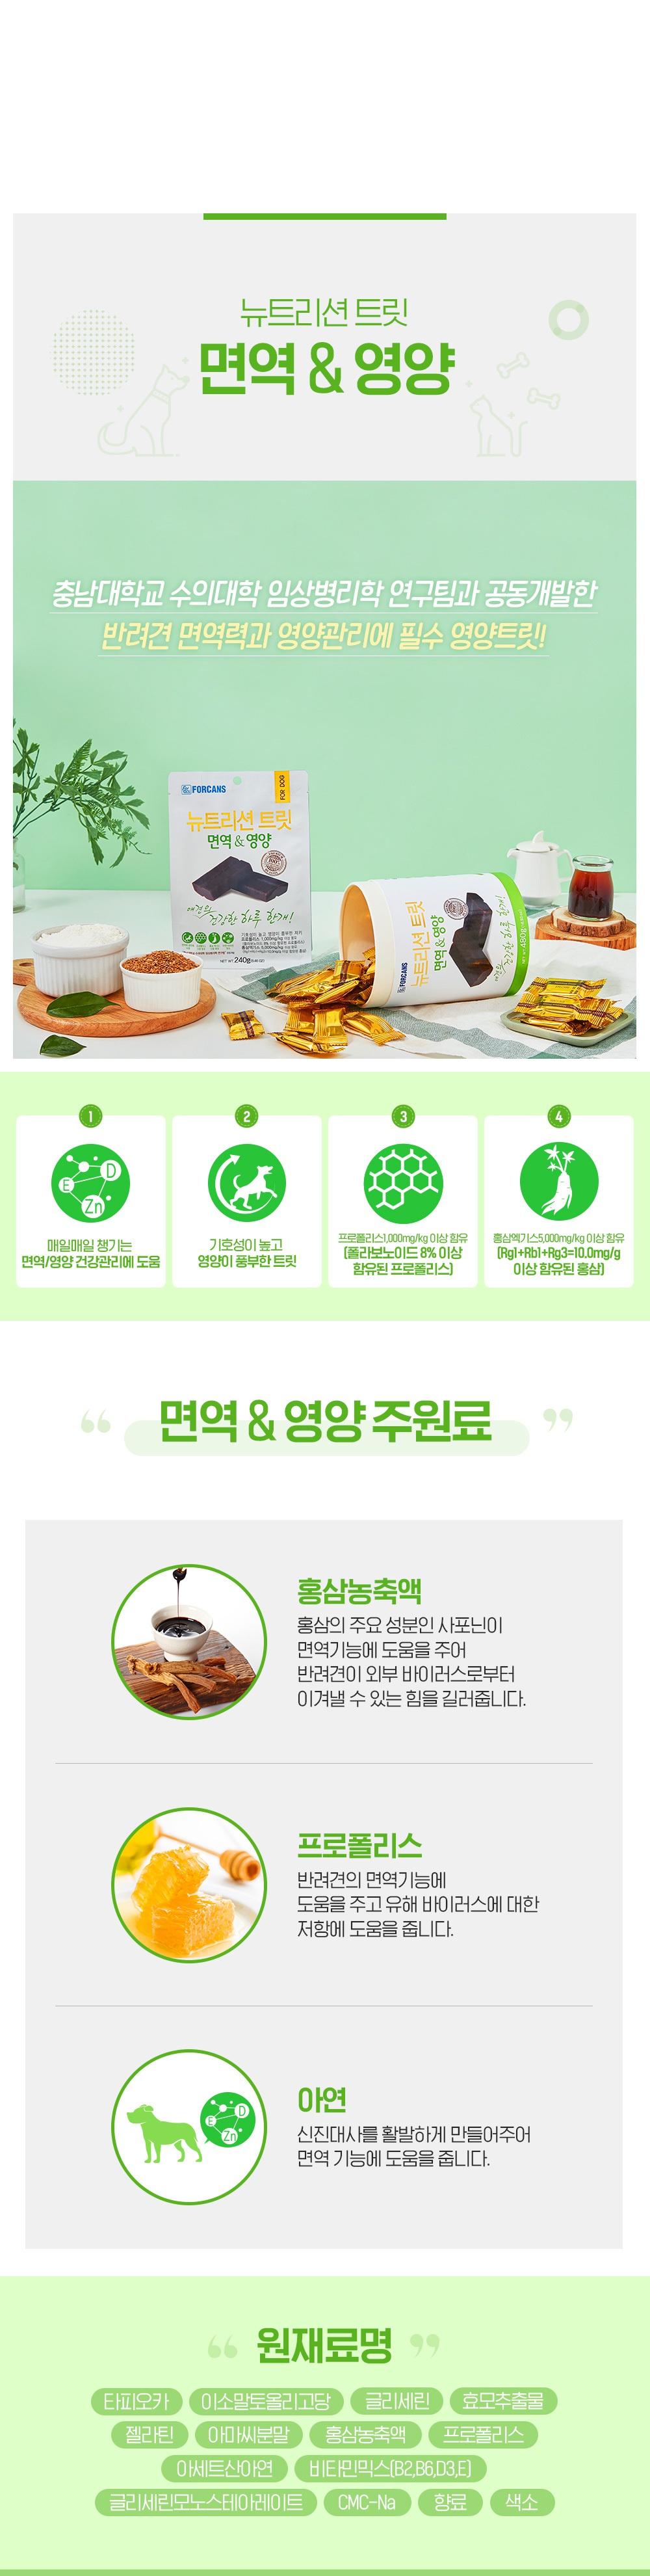 [오구오구특가]반려견 영양제 포켄스 뉴트리션 트릿 면역/영양 (2개세트)-상품이미지-4